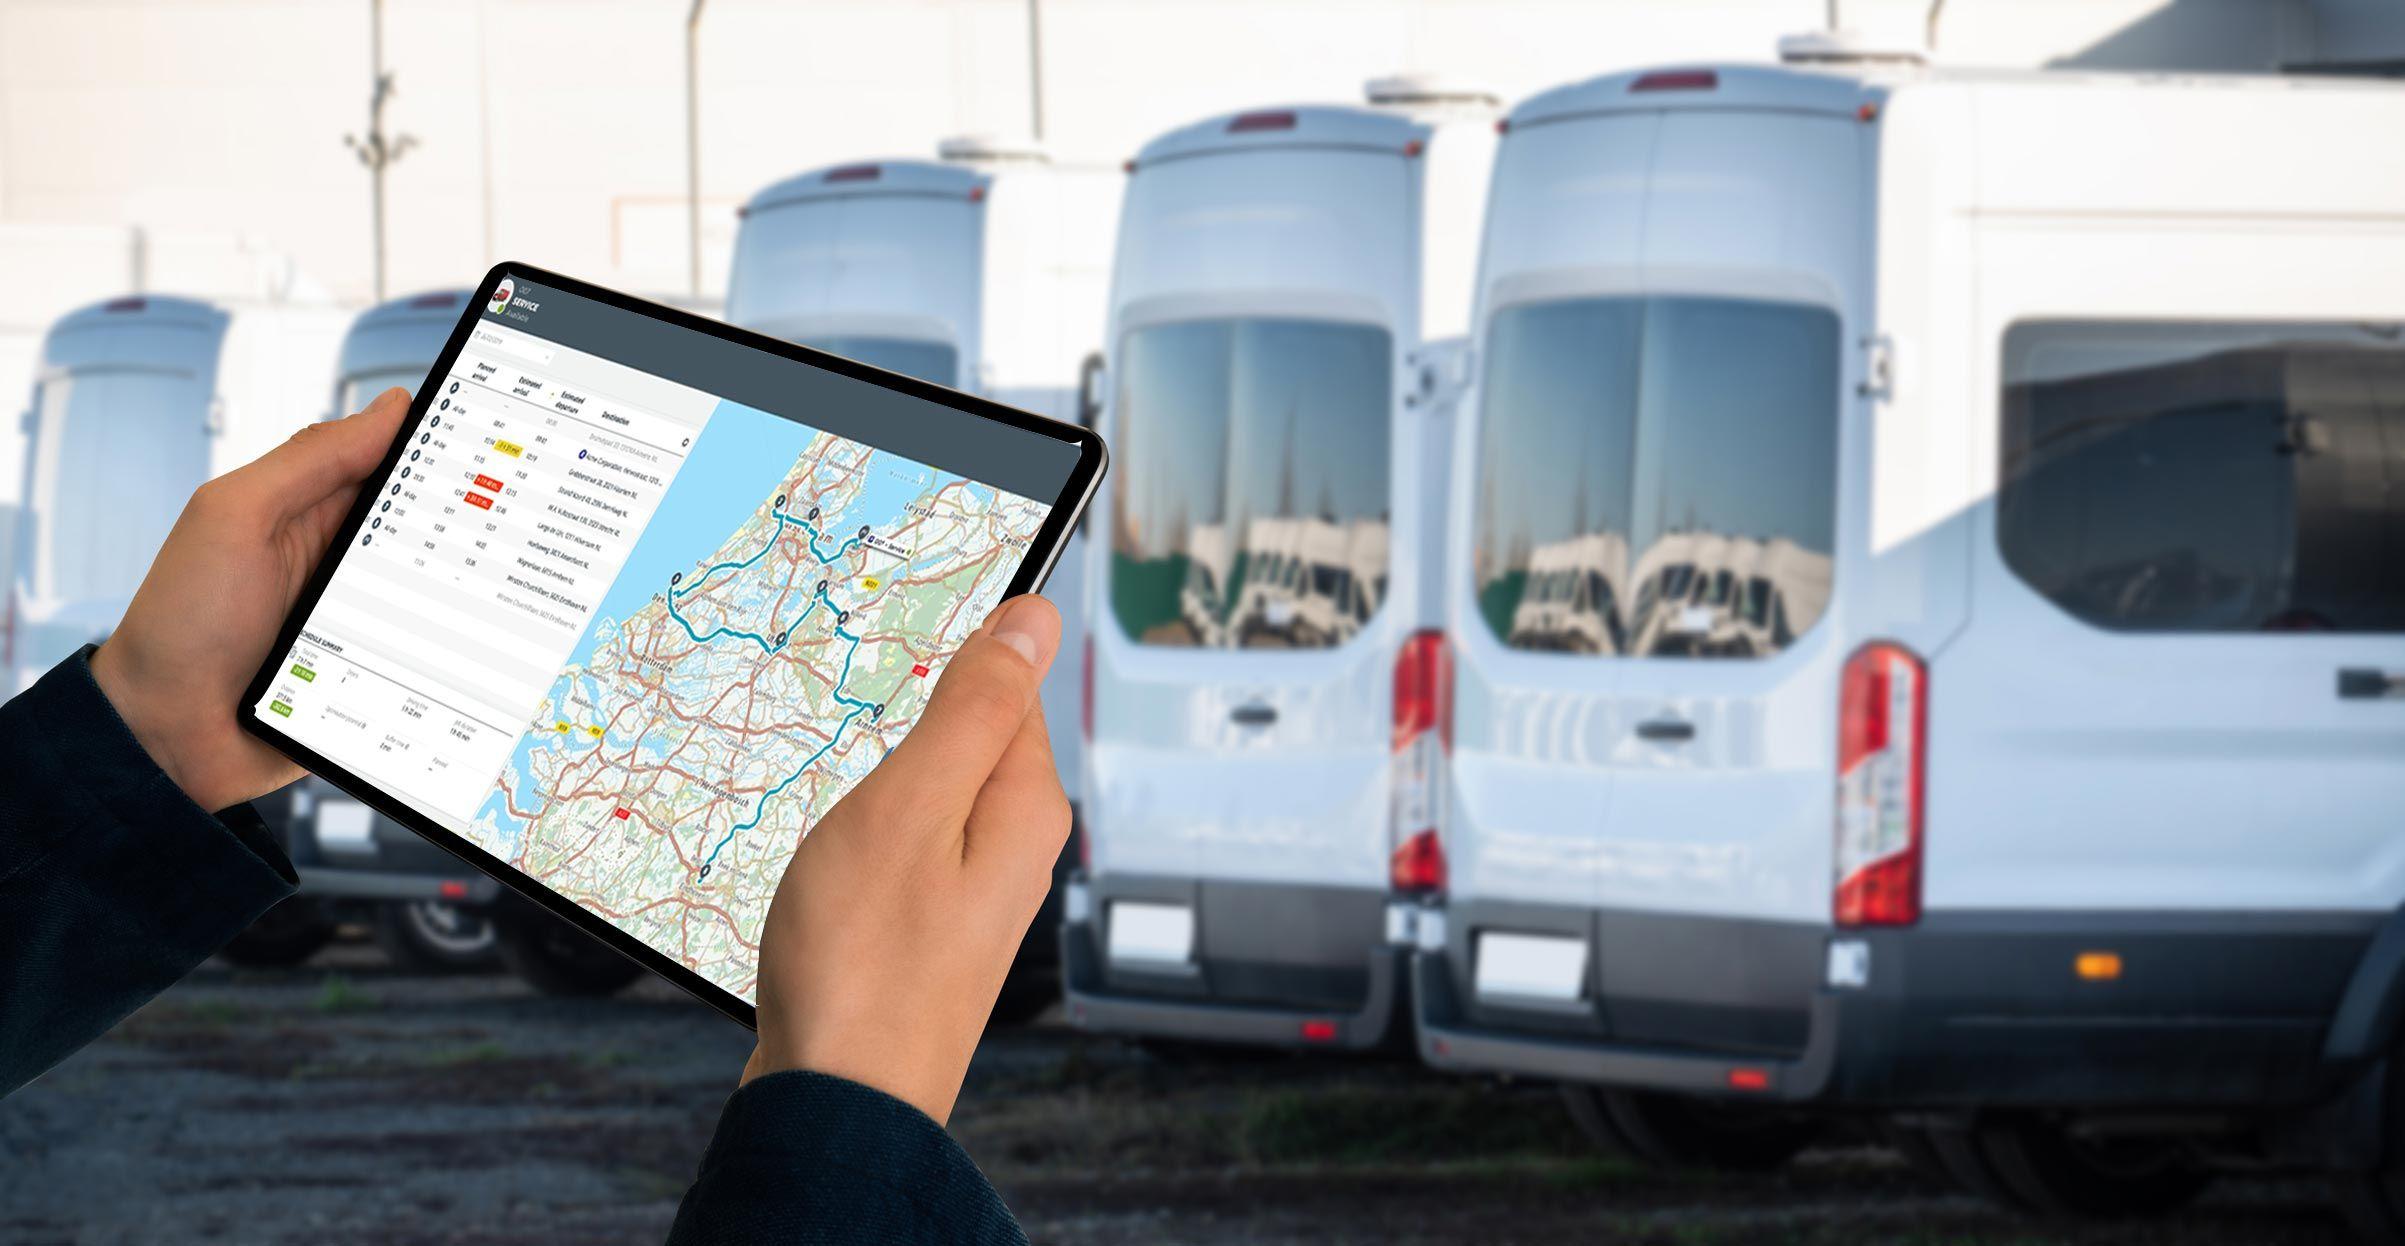 Gestión y control de flotas de vehículos por GPS para profesionales: nuestros consejos y ventajas